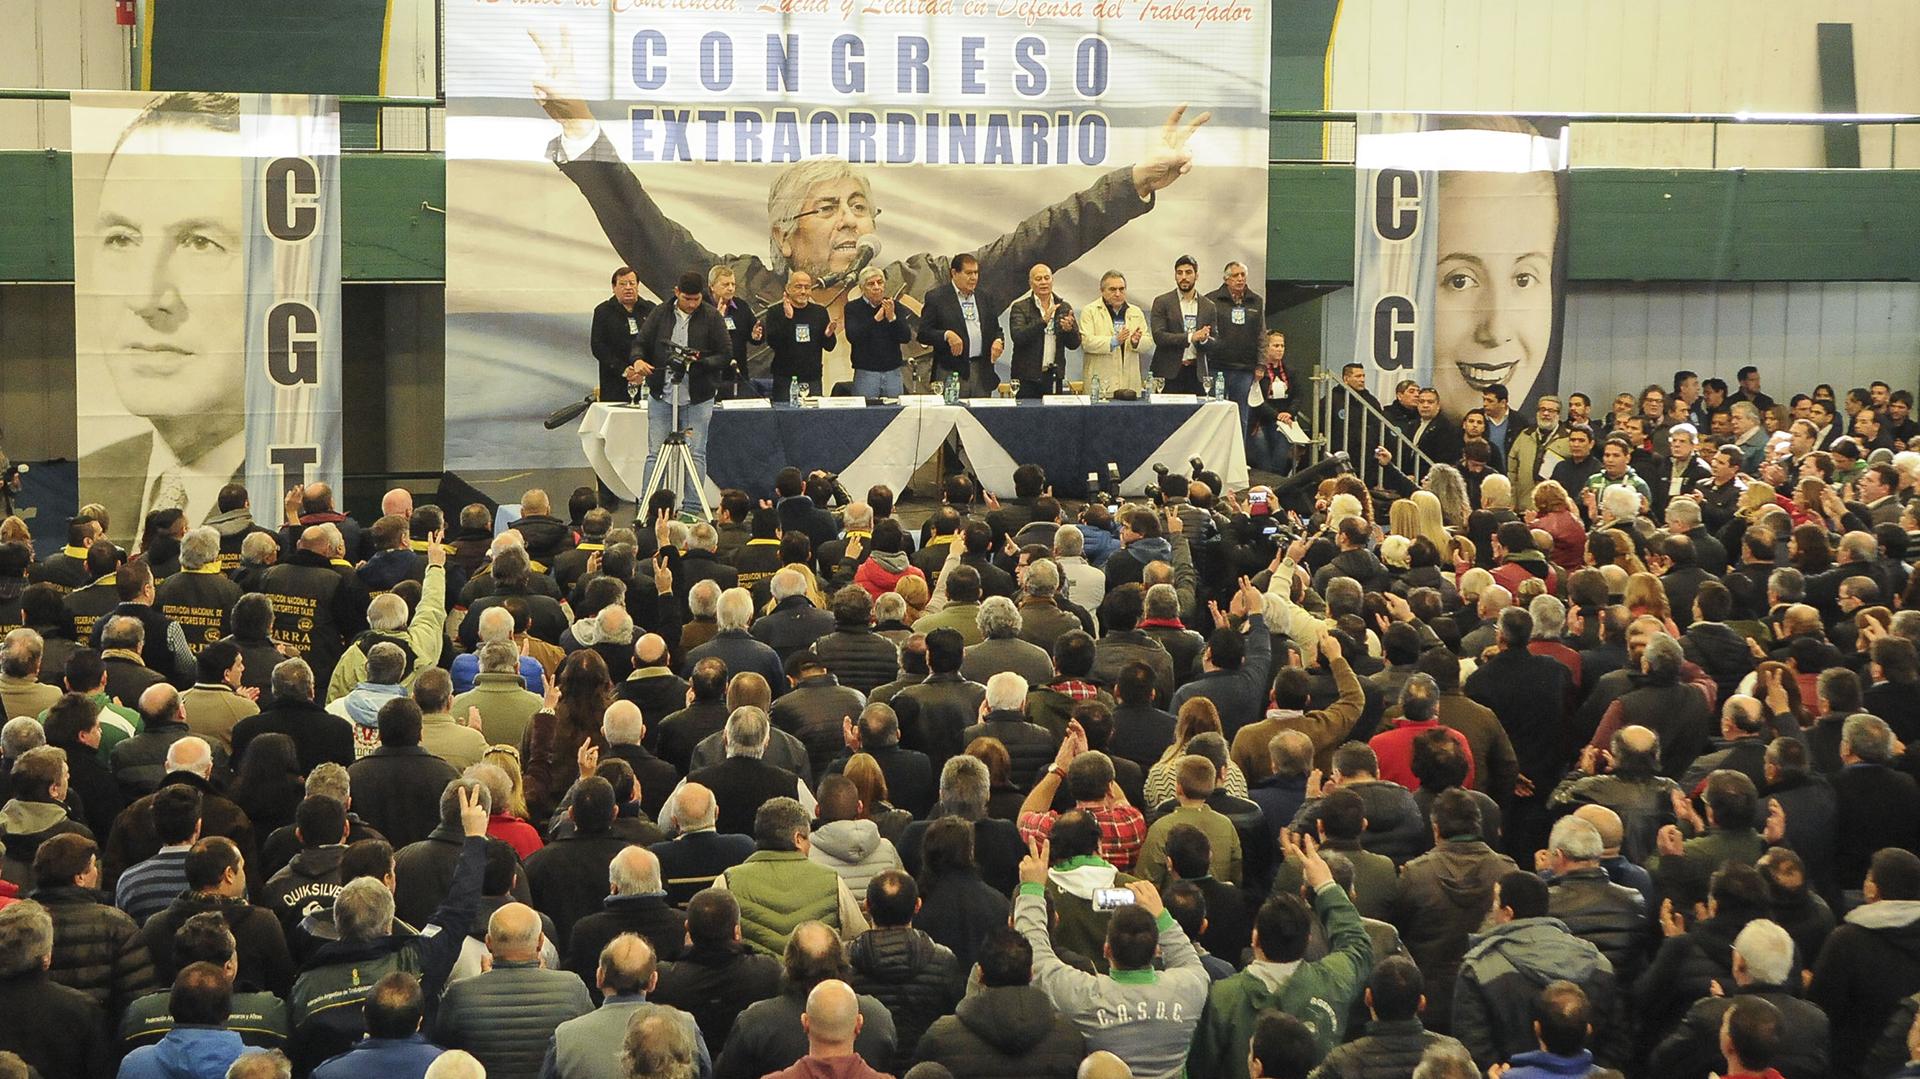 Un Congreso en el que no faltó ningún componente de la liturgia sindical (Télam)